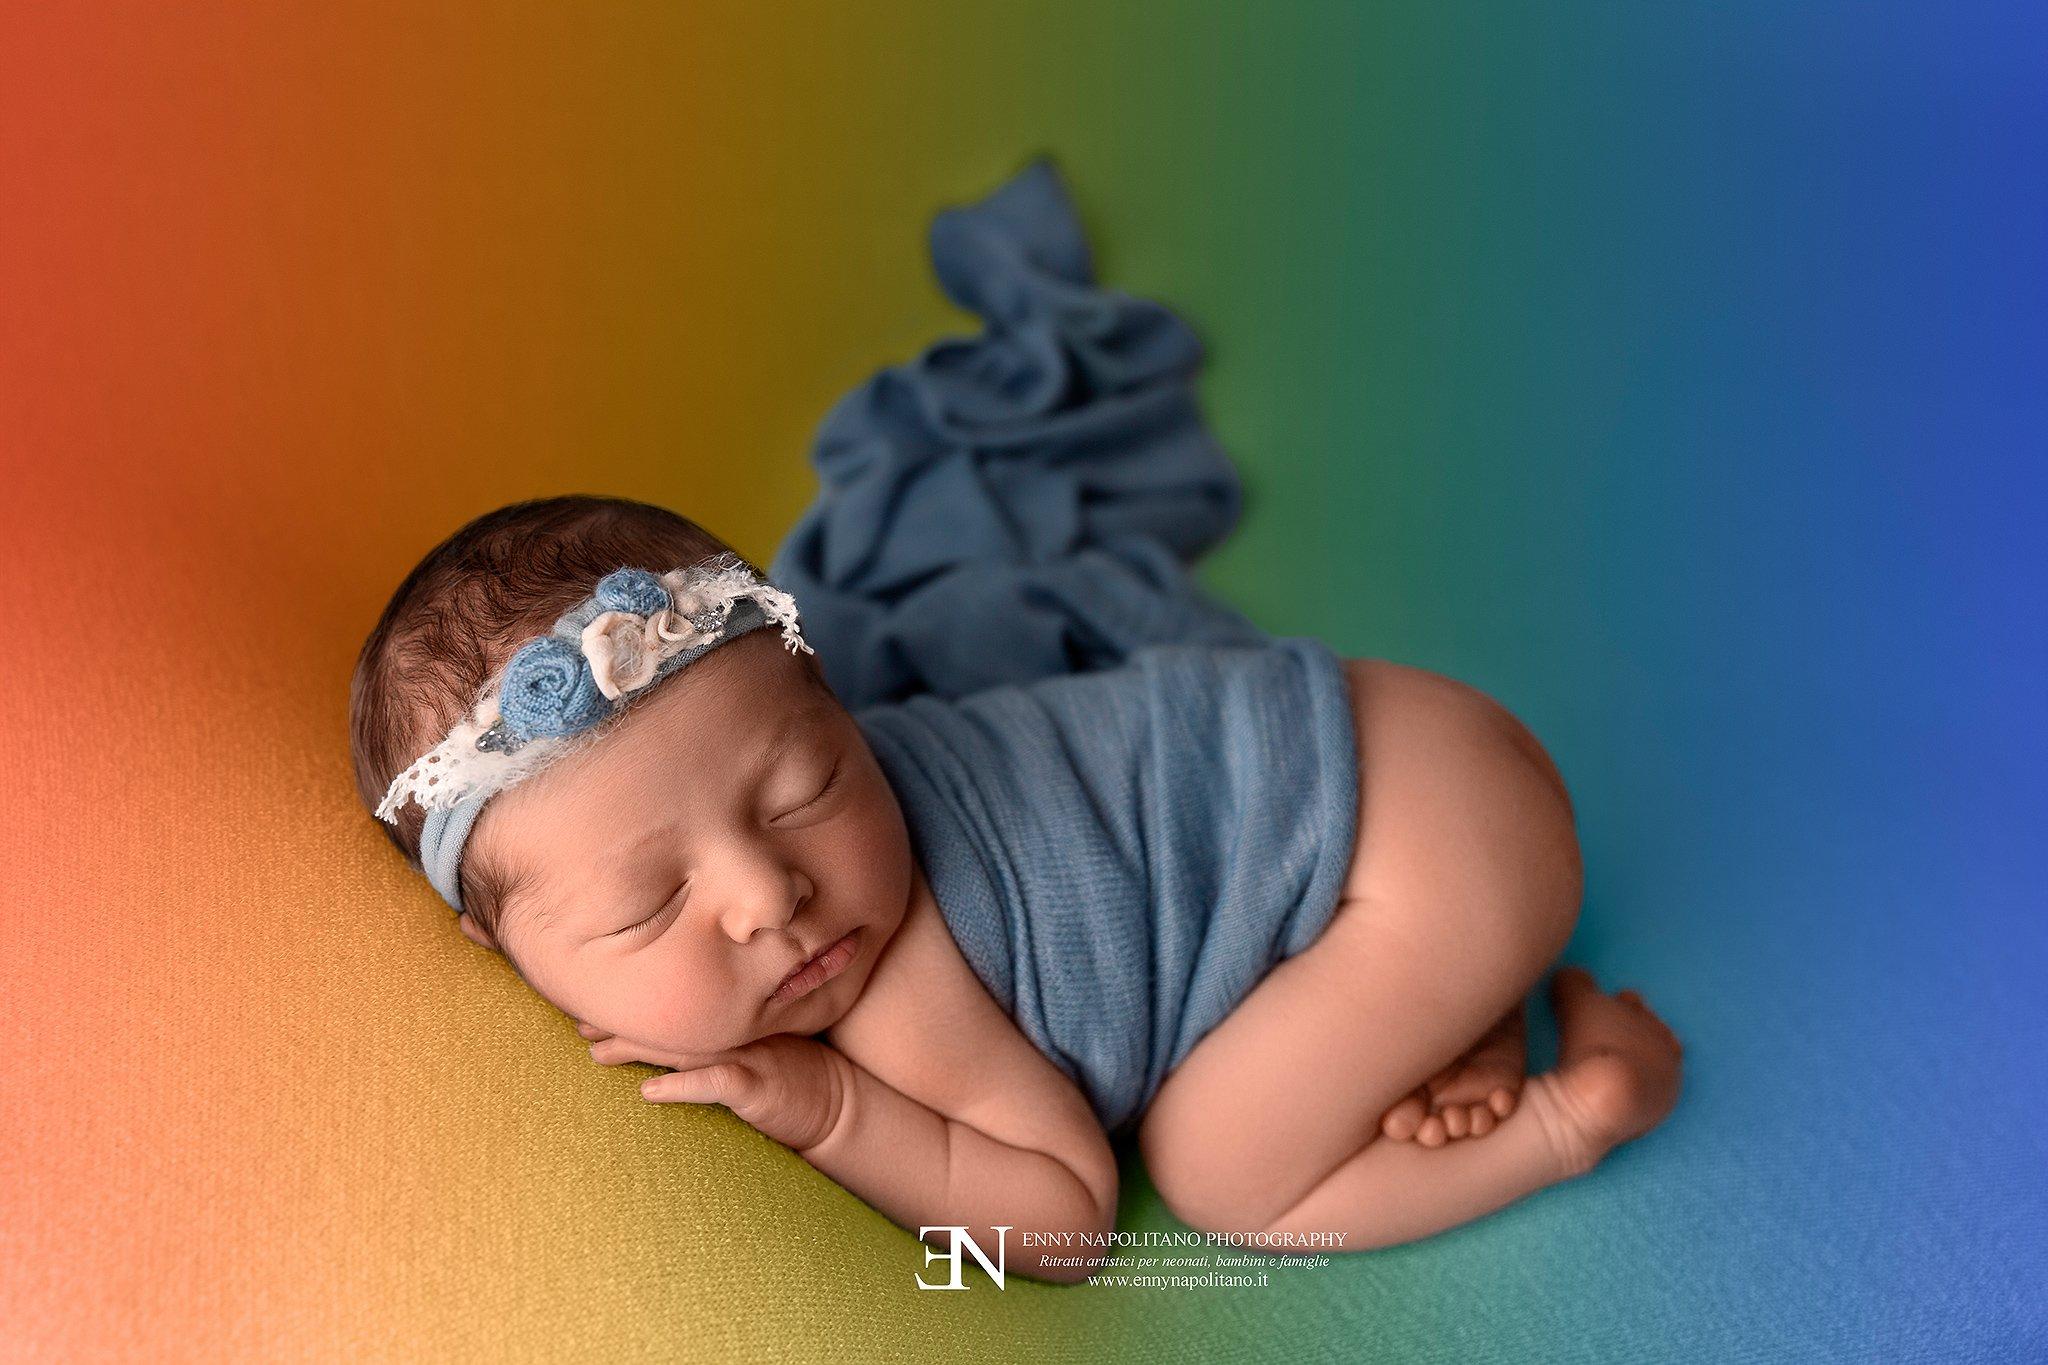 fotografia di una bambina arcobaleno durante un servizio fotografico newborn a Milano, Pavia, Monza, Bergamo, Varese